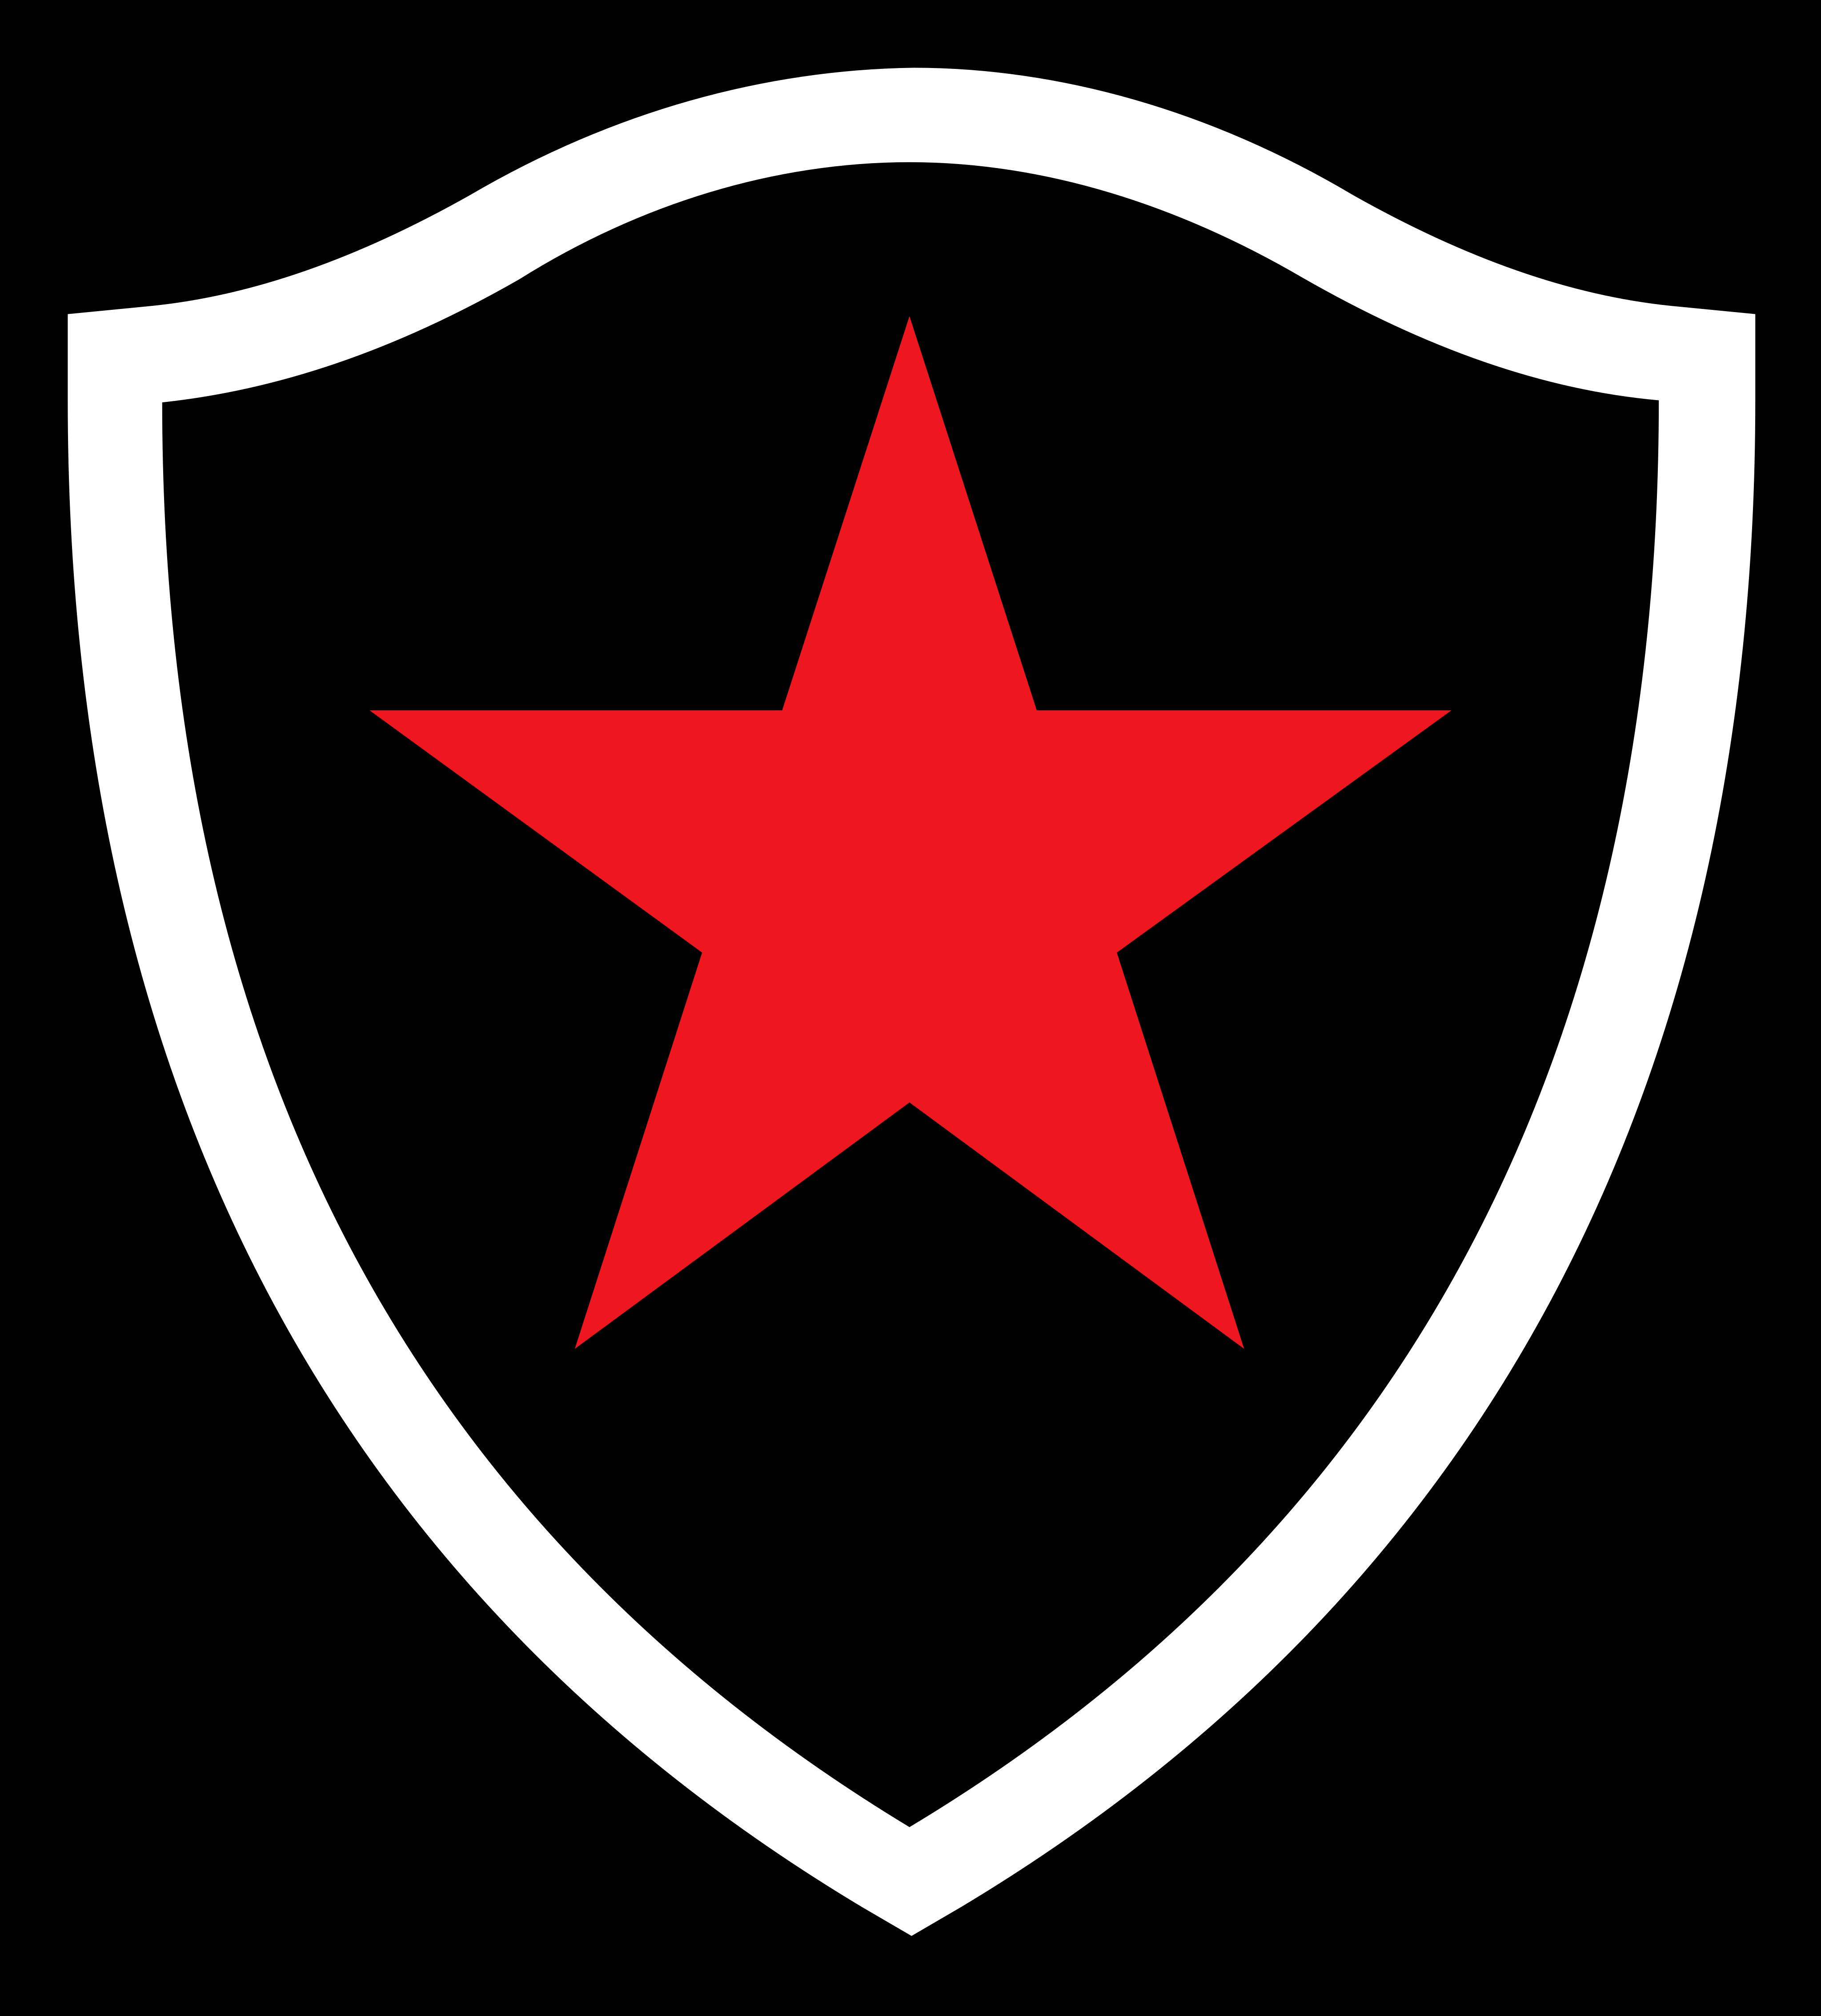 botafogo paraiba logo 01 - Botafogo da Paraíba Logo - Escudo